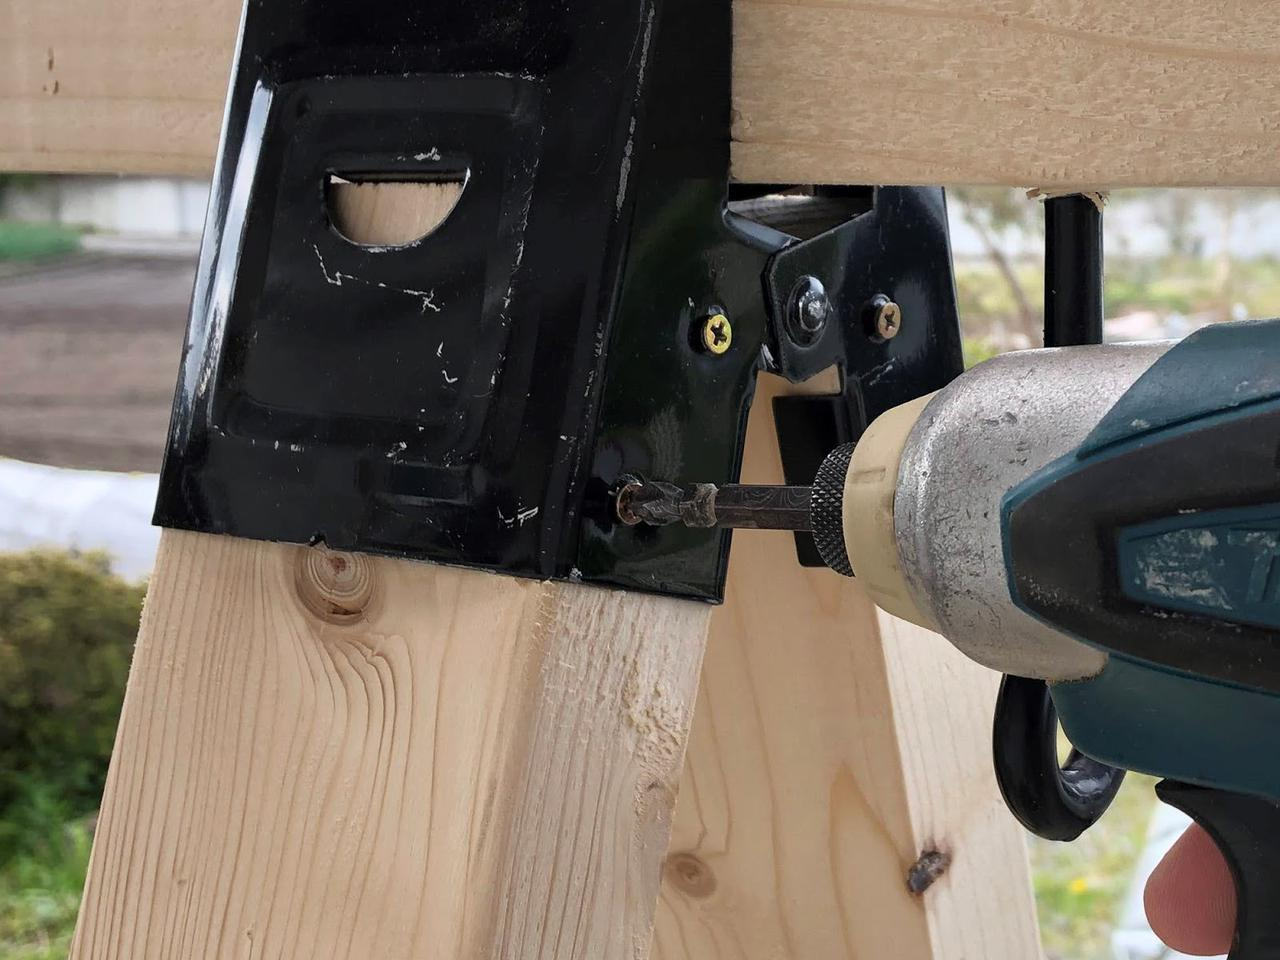 画像: 筆者提供:厚みのある木材などにはインパクトドライバーがおすすめ。